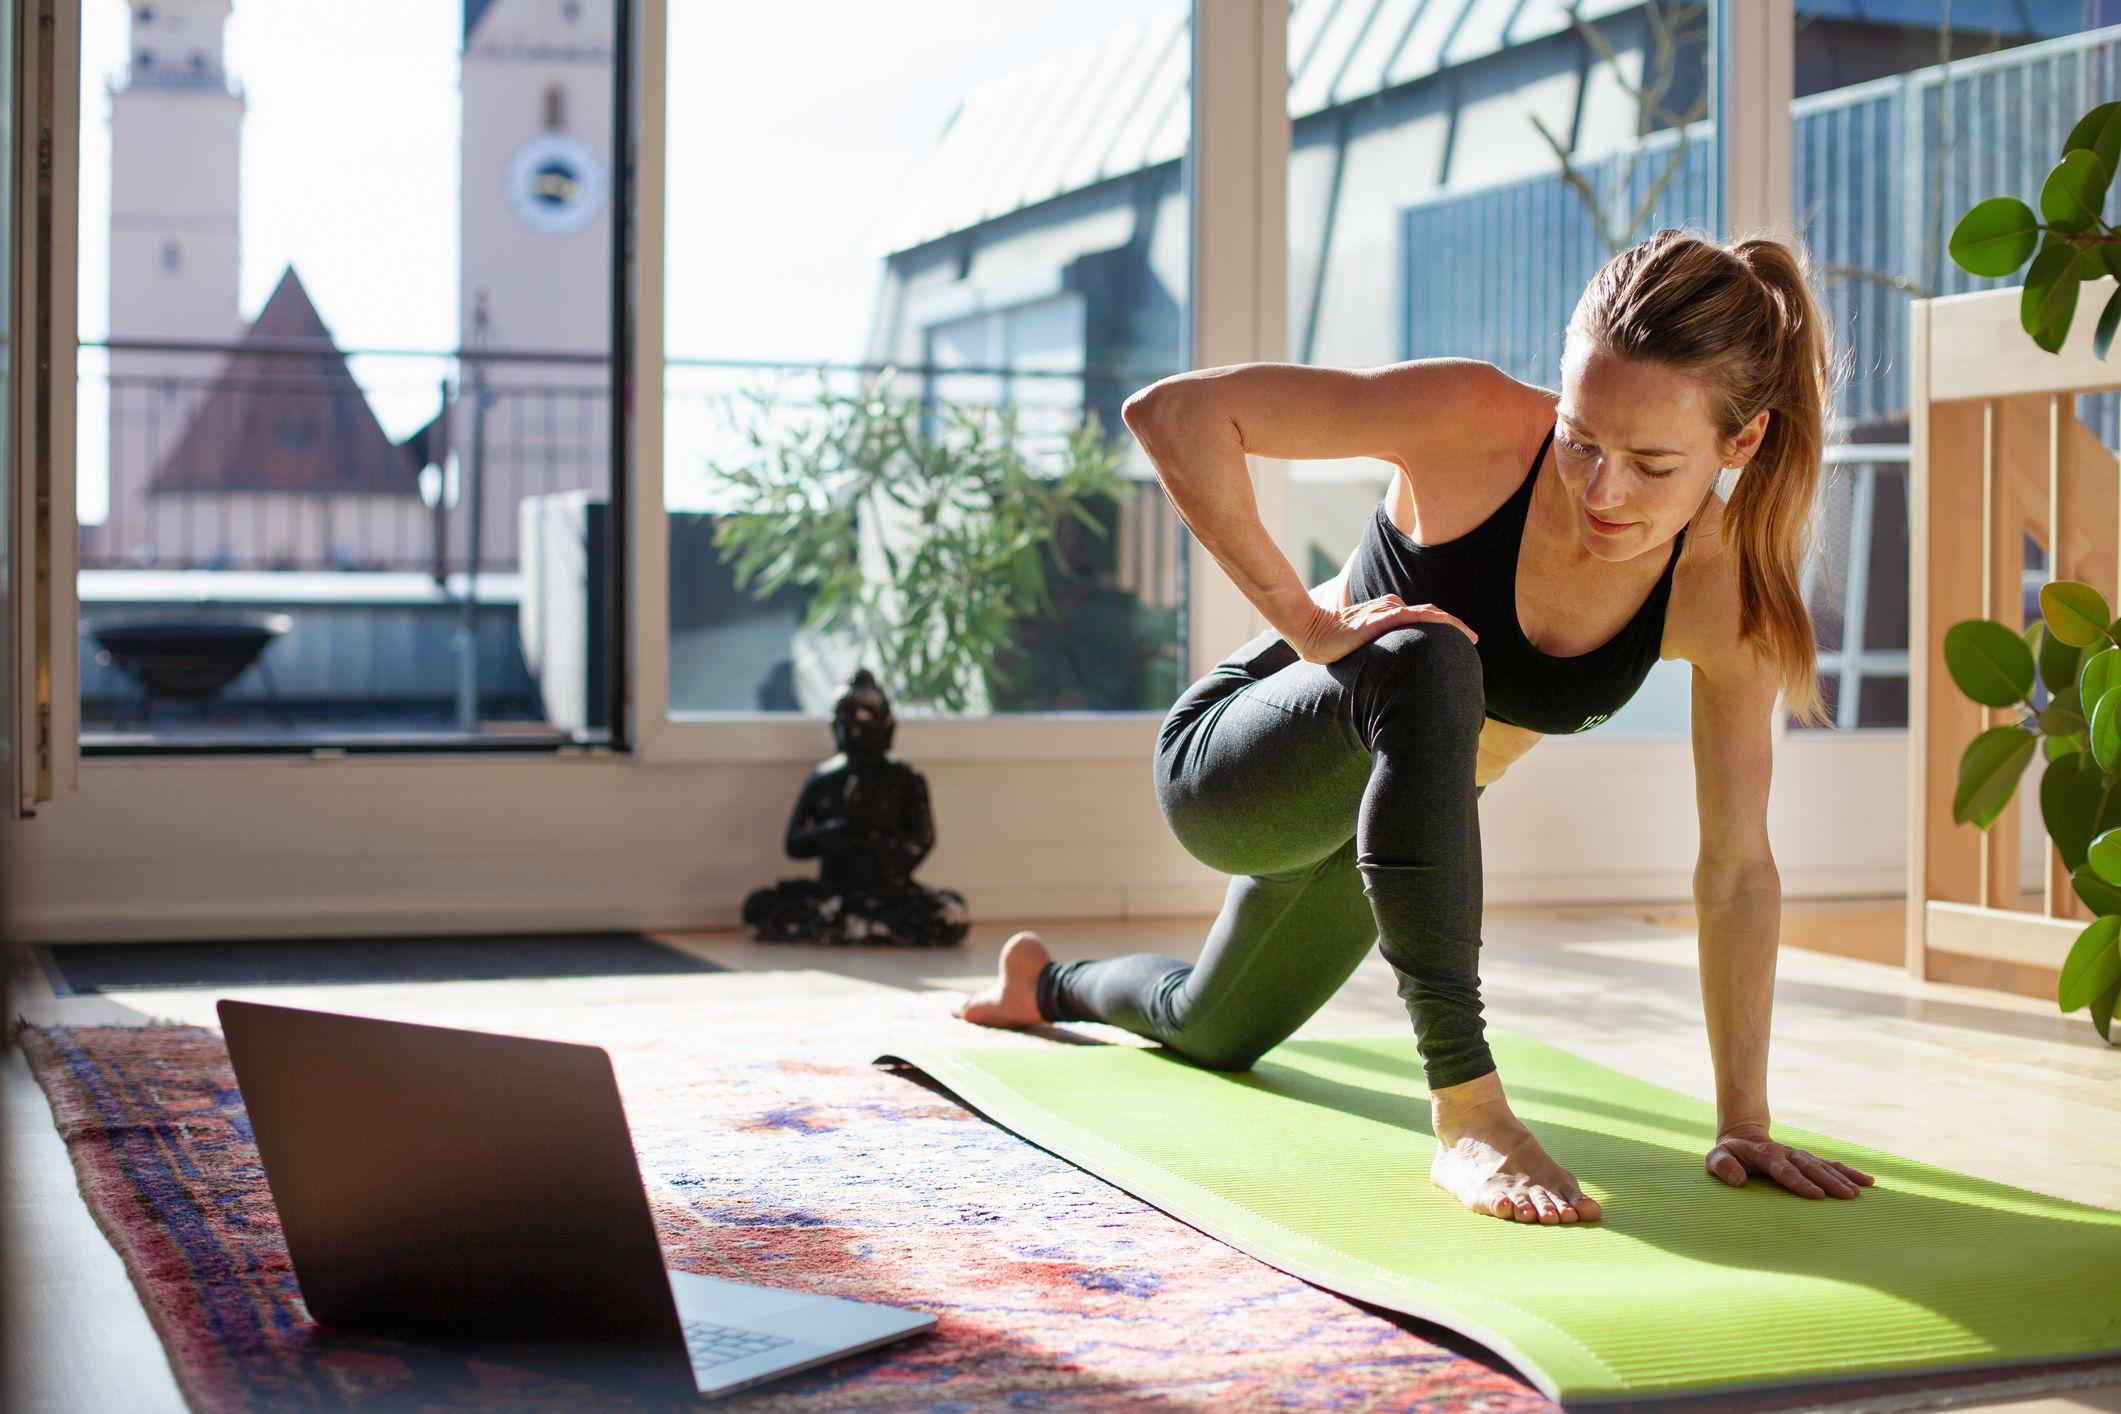 Αθλητισμός: Η γιόγκα είναι ένα εργαλείο ενίσχυσης της σωματικής & συναισθηματικής υγείας [vid]